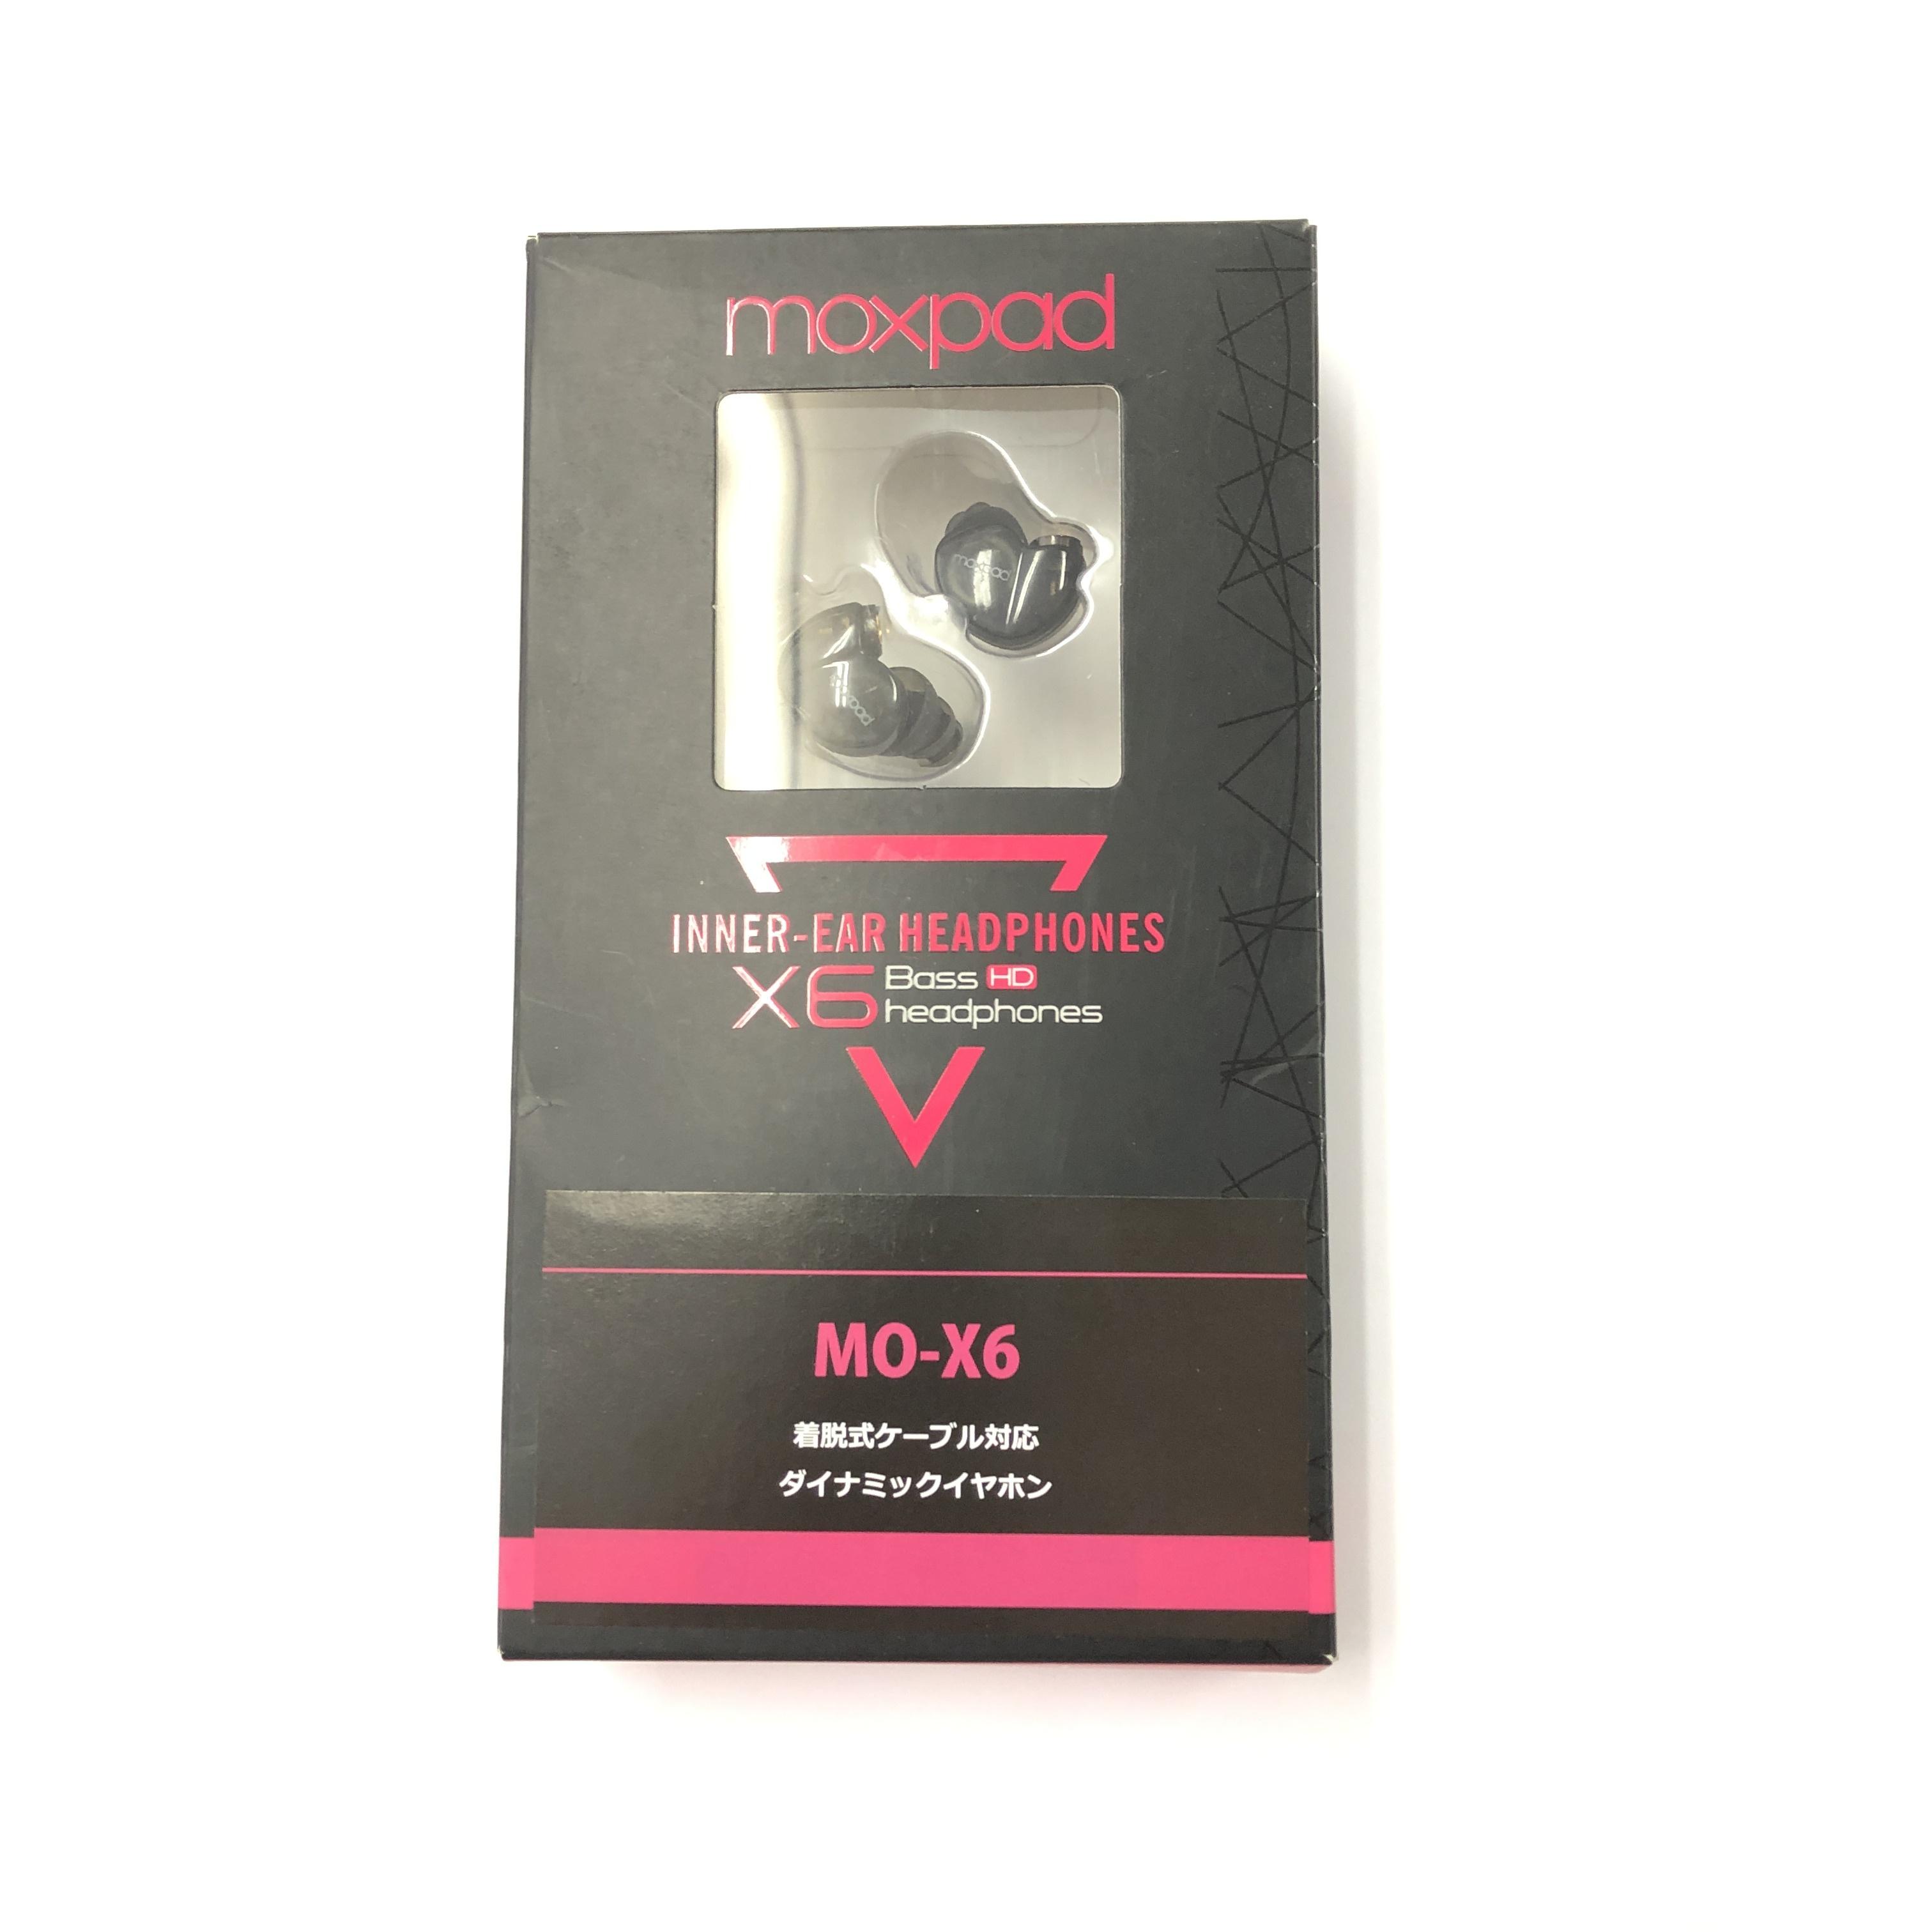 【アウトレット 箱破損】moxpad MO-X6 BLACK